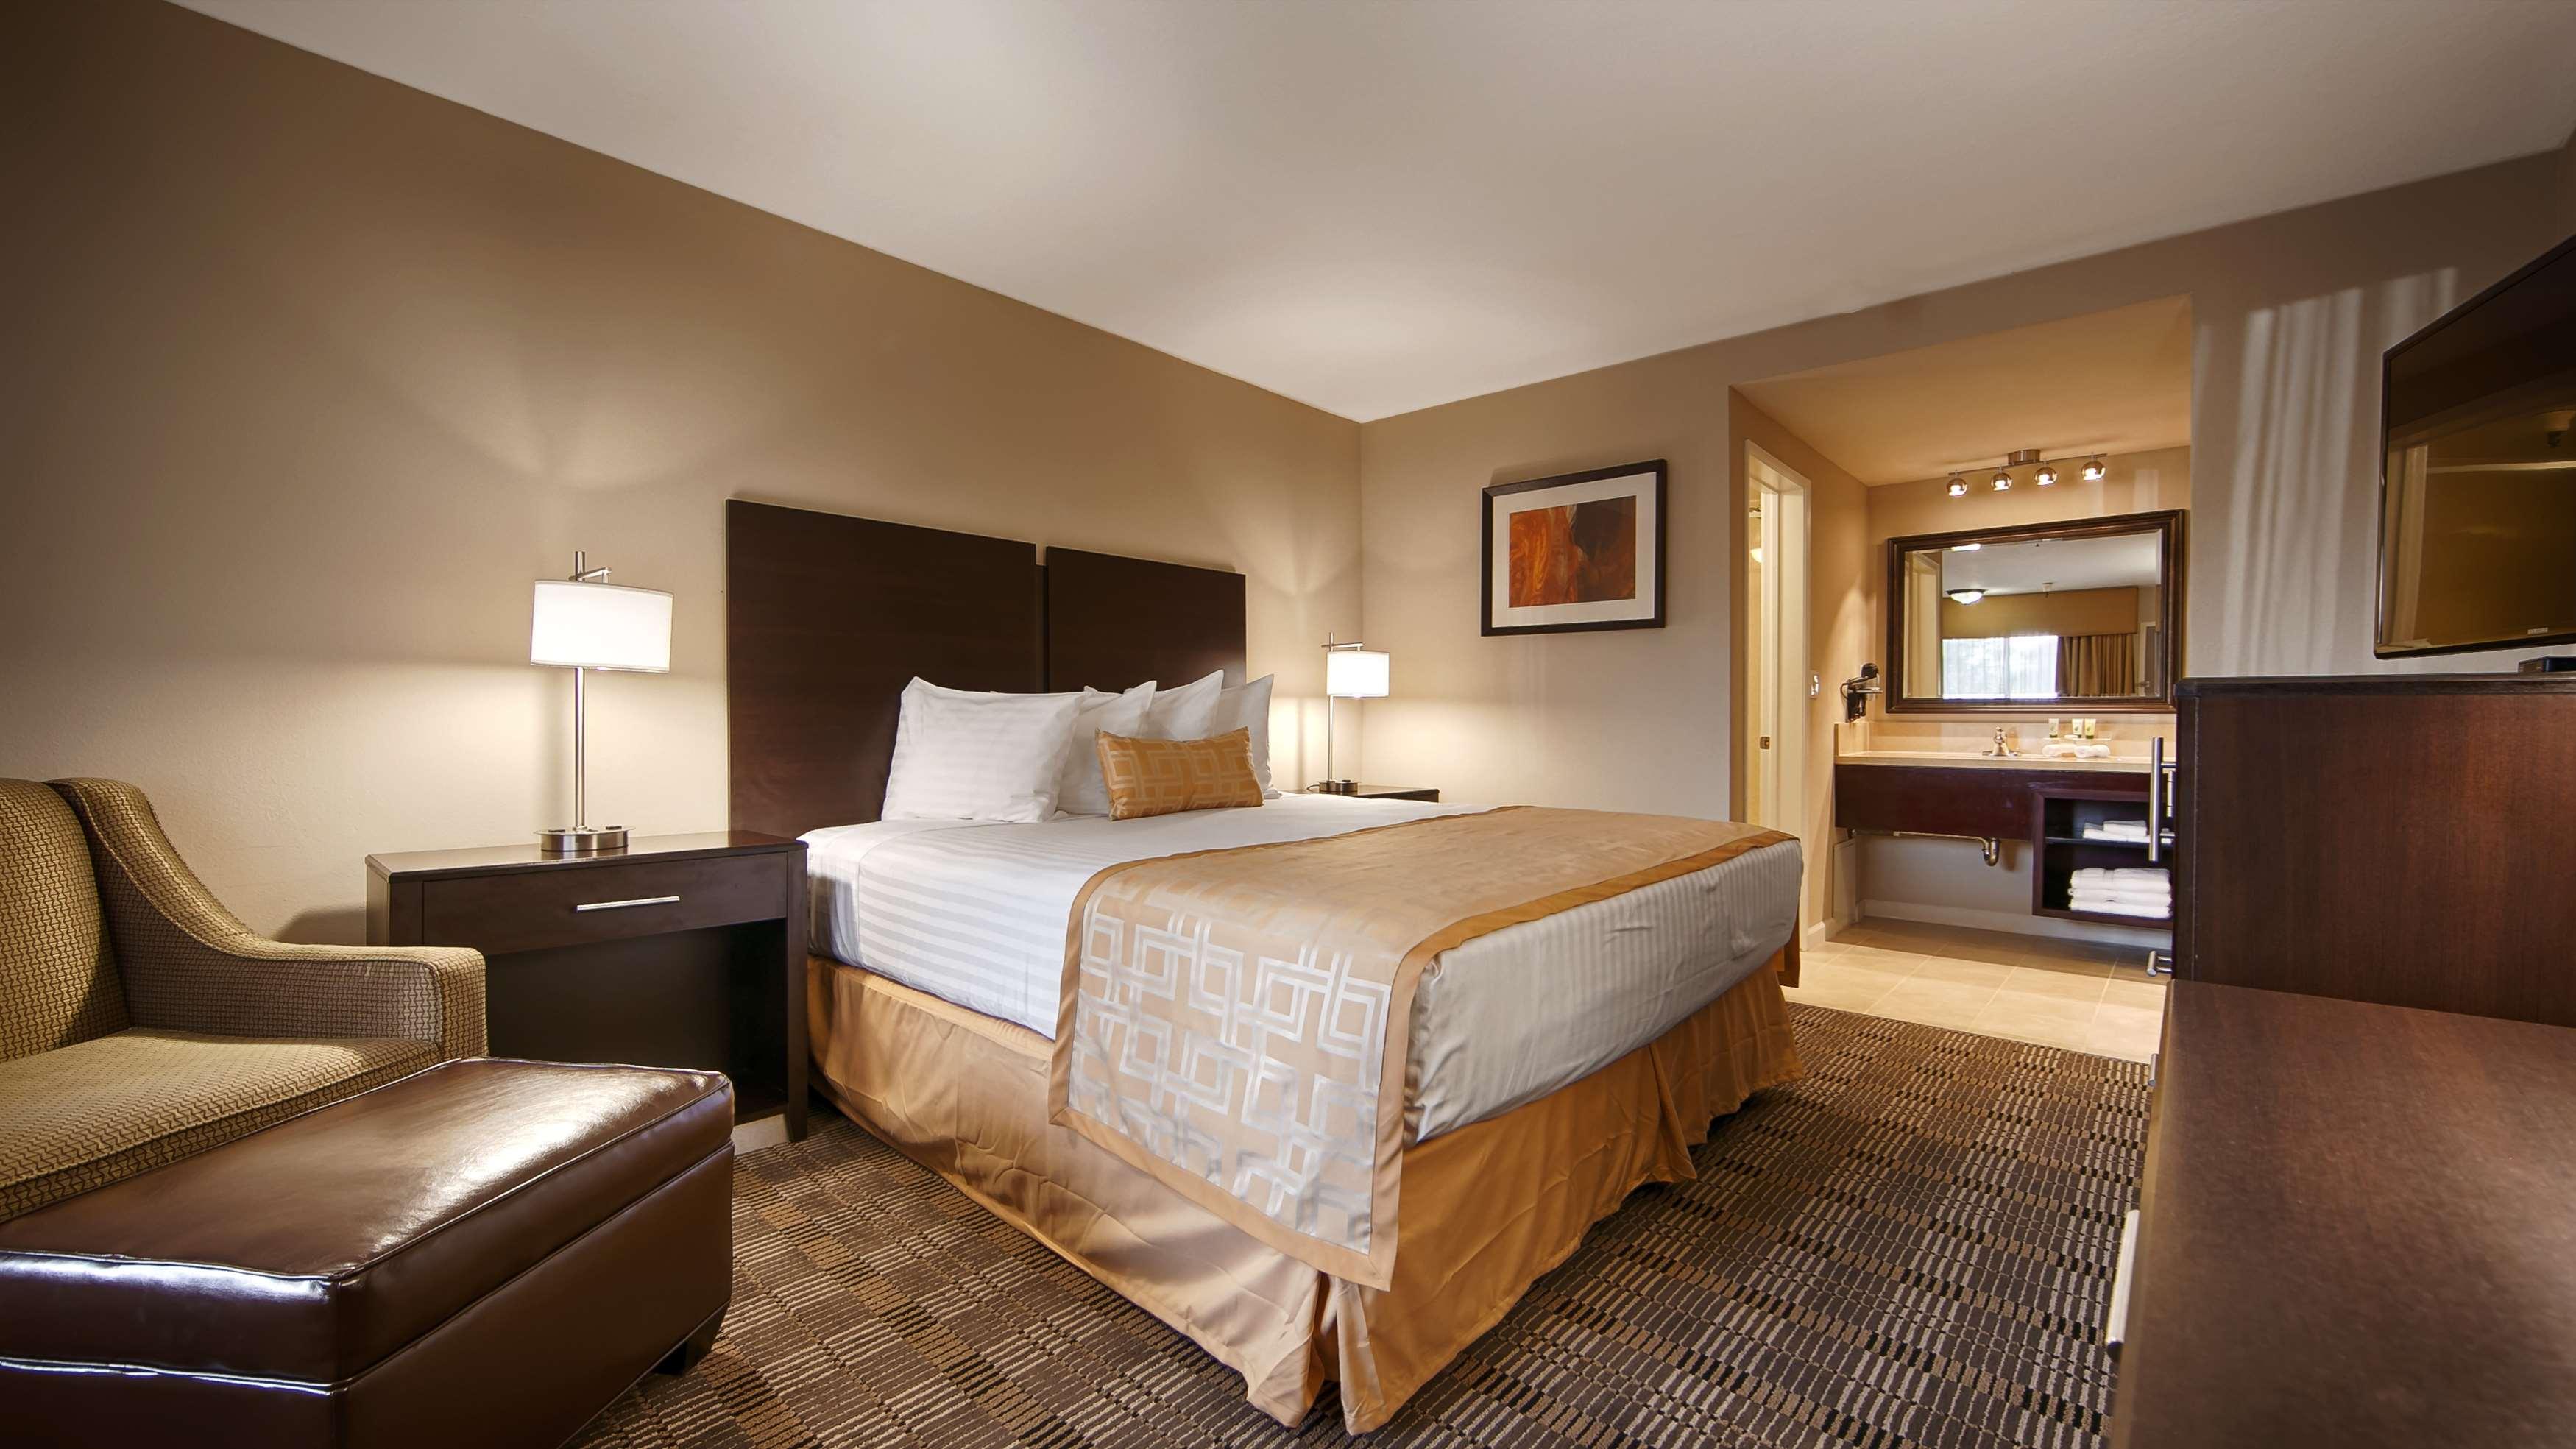 Best Western Pasadena Royale Inn & Suites image 5